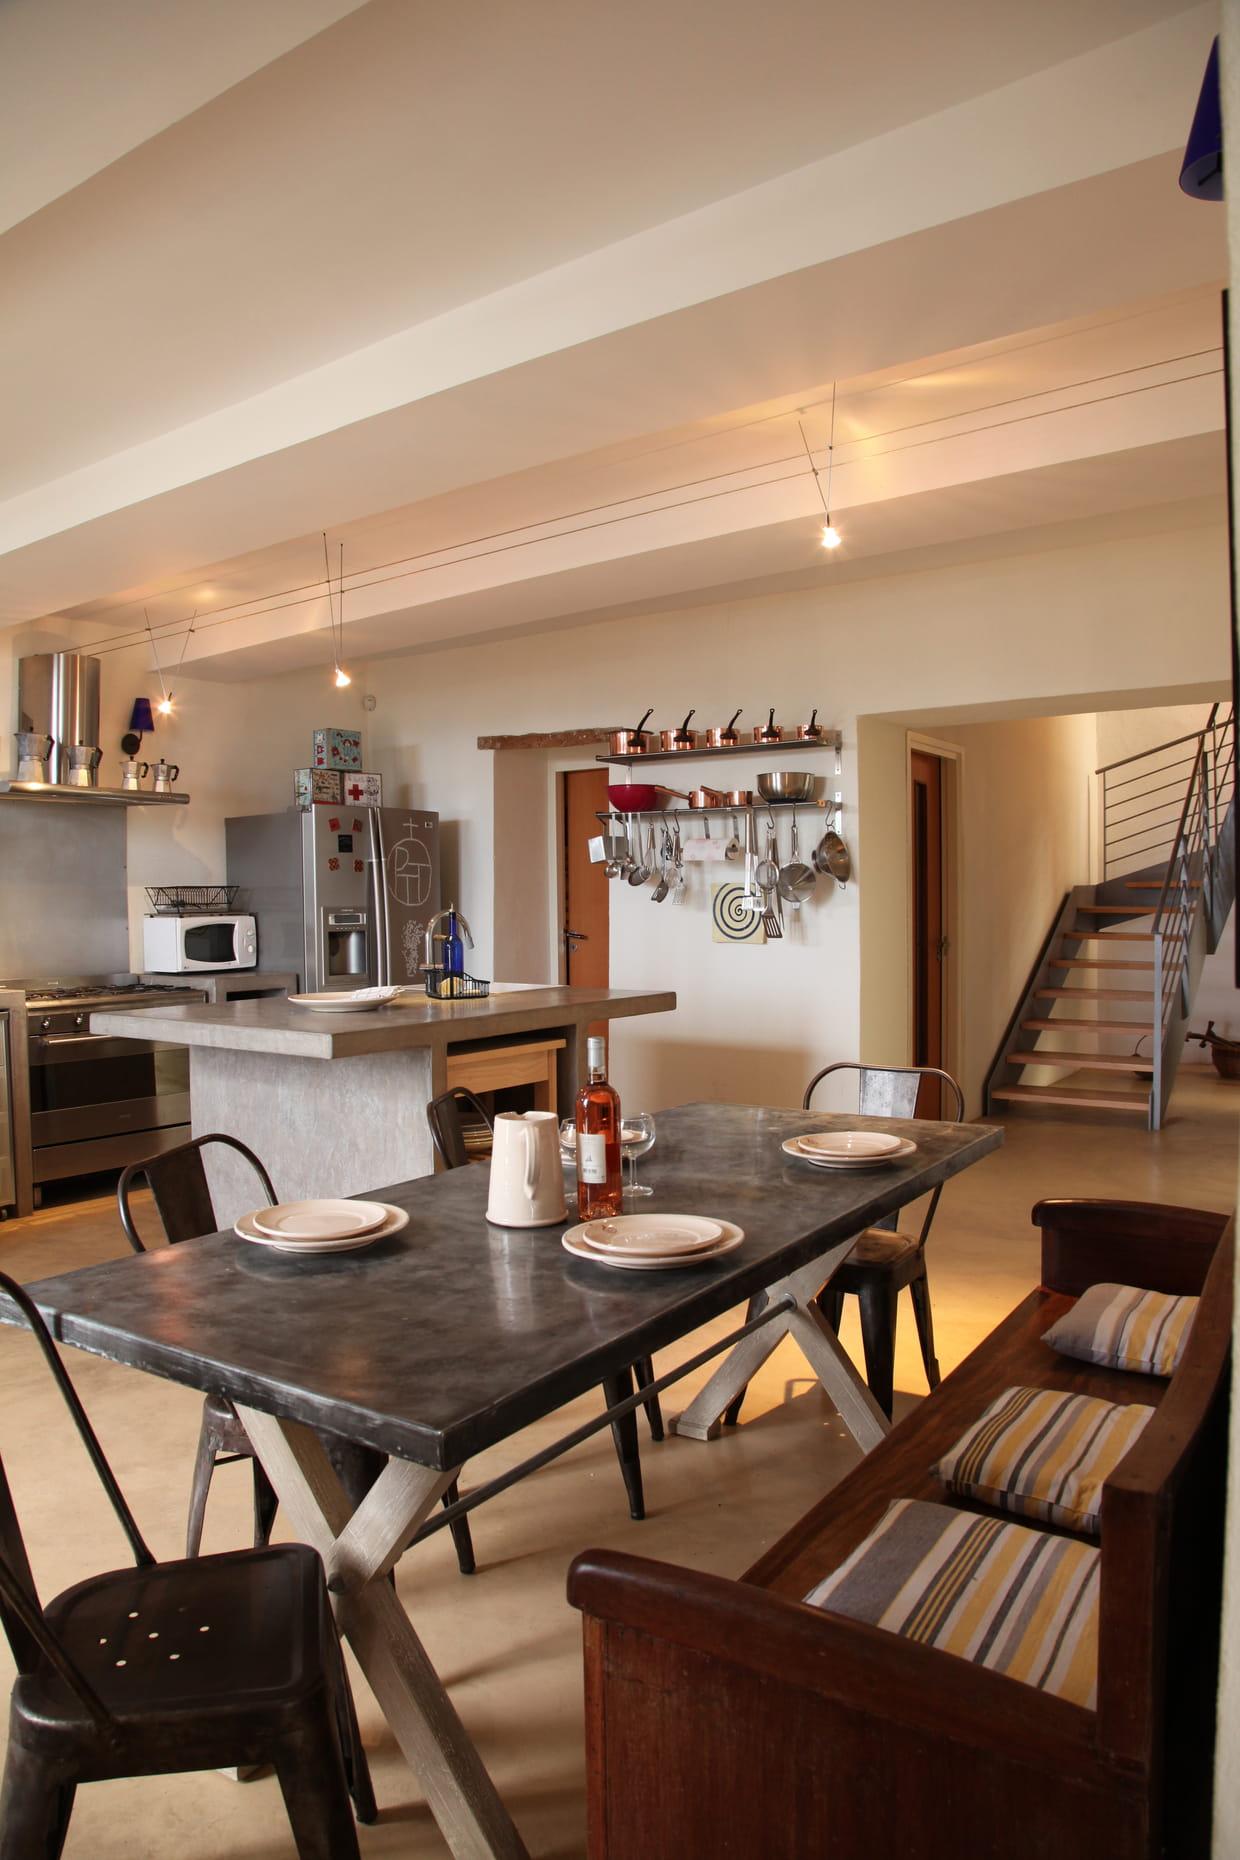 Une cuisine grise moderne et chaleureuse - Deco cuisine chaleureuse ...